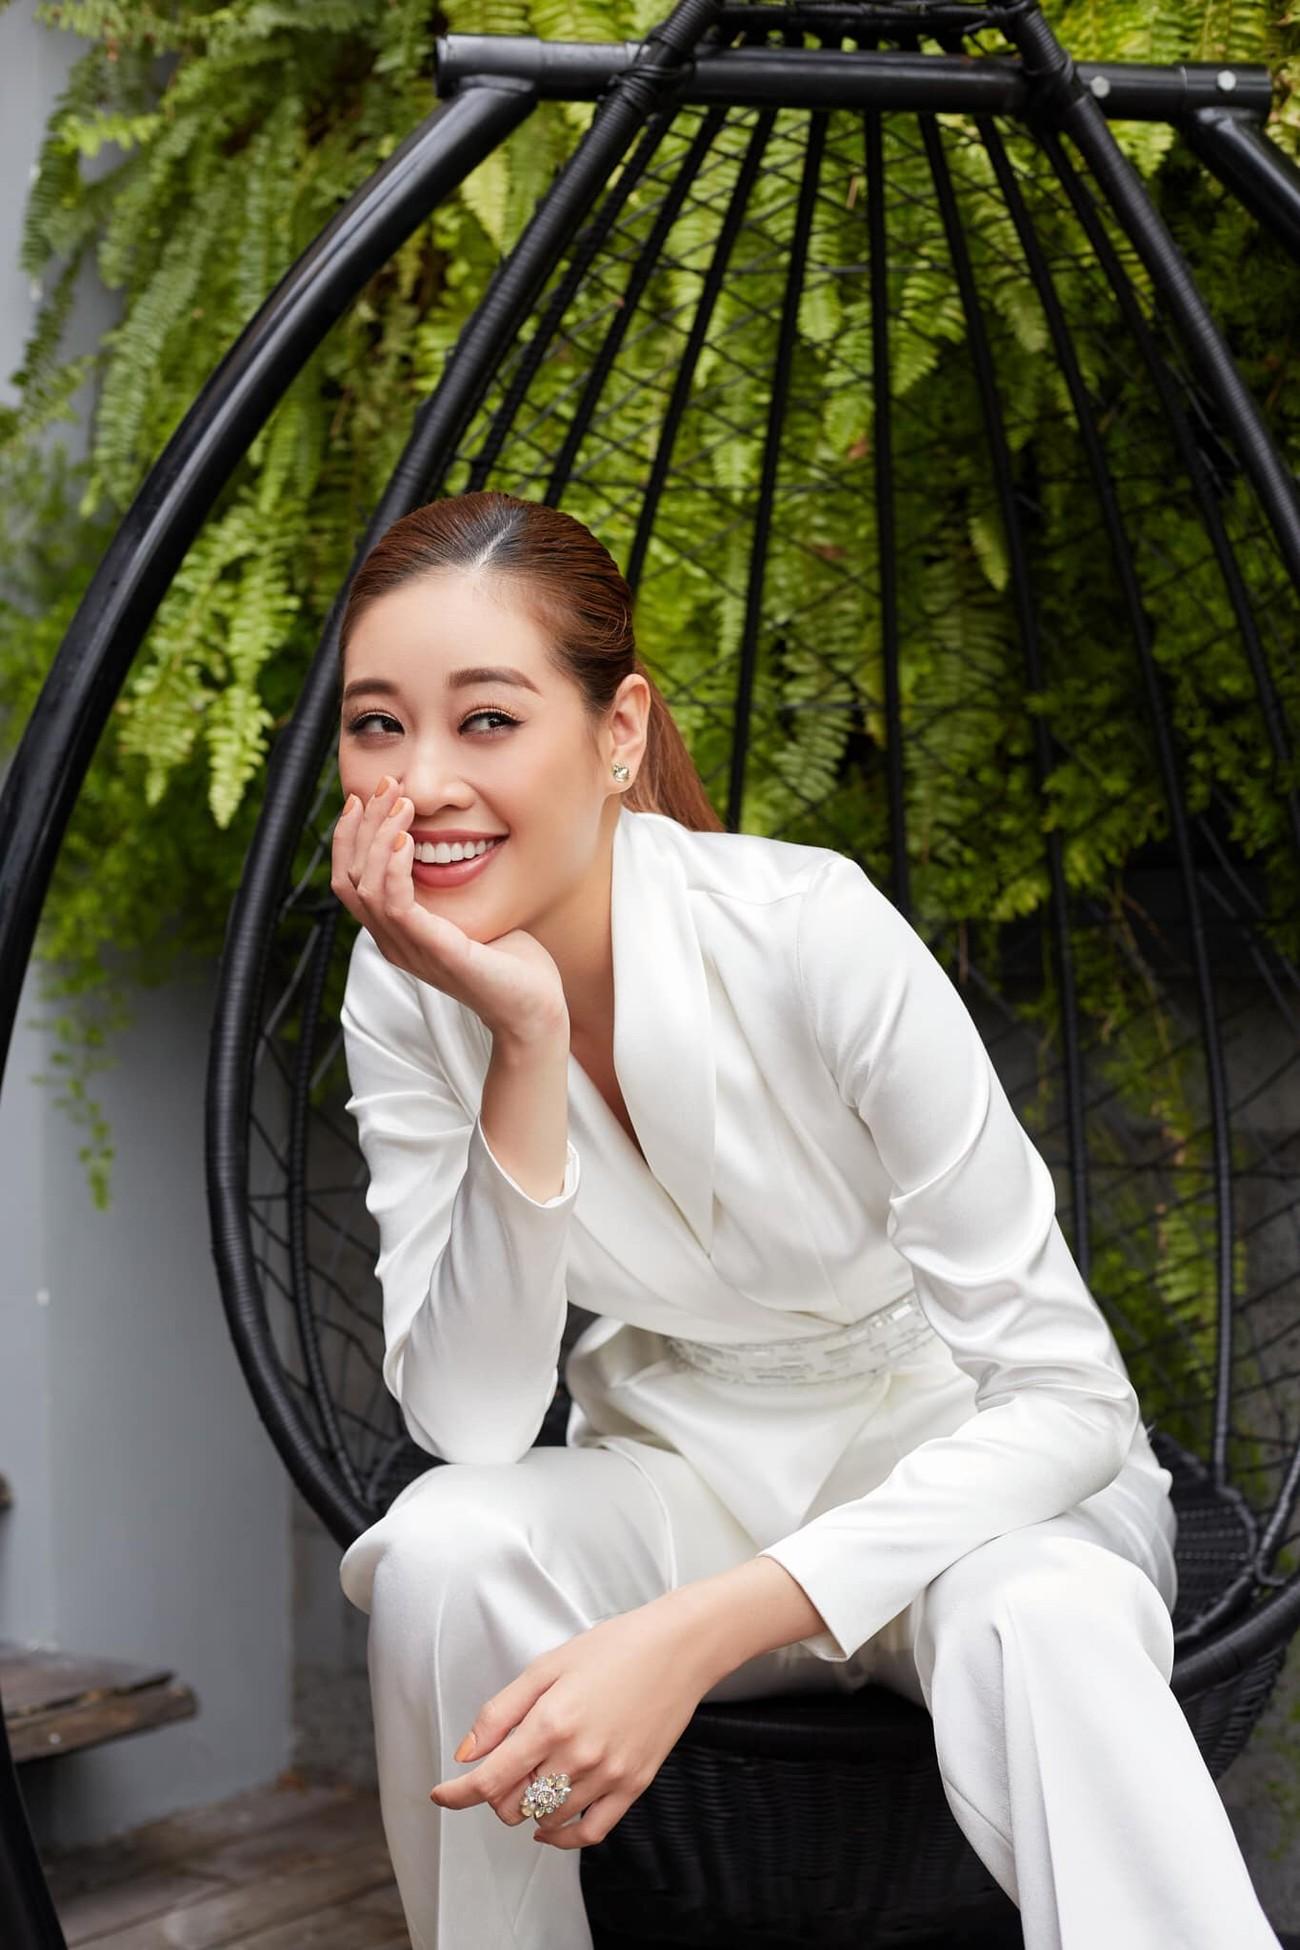 Người đẹp Thể thao Phù Bảo Nghi diện váy xẻ táo bạo, Lương Thùy Linh quấn khăn làm váy ảnh 8